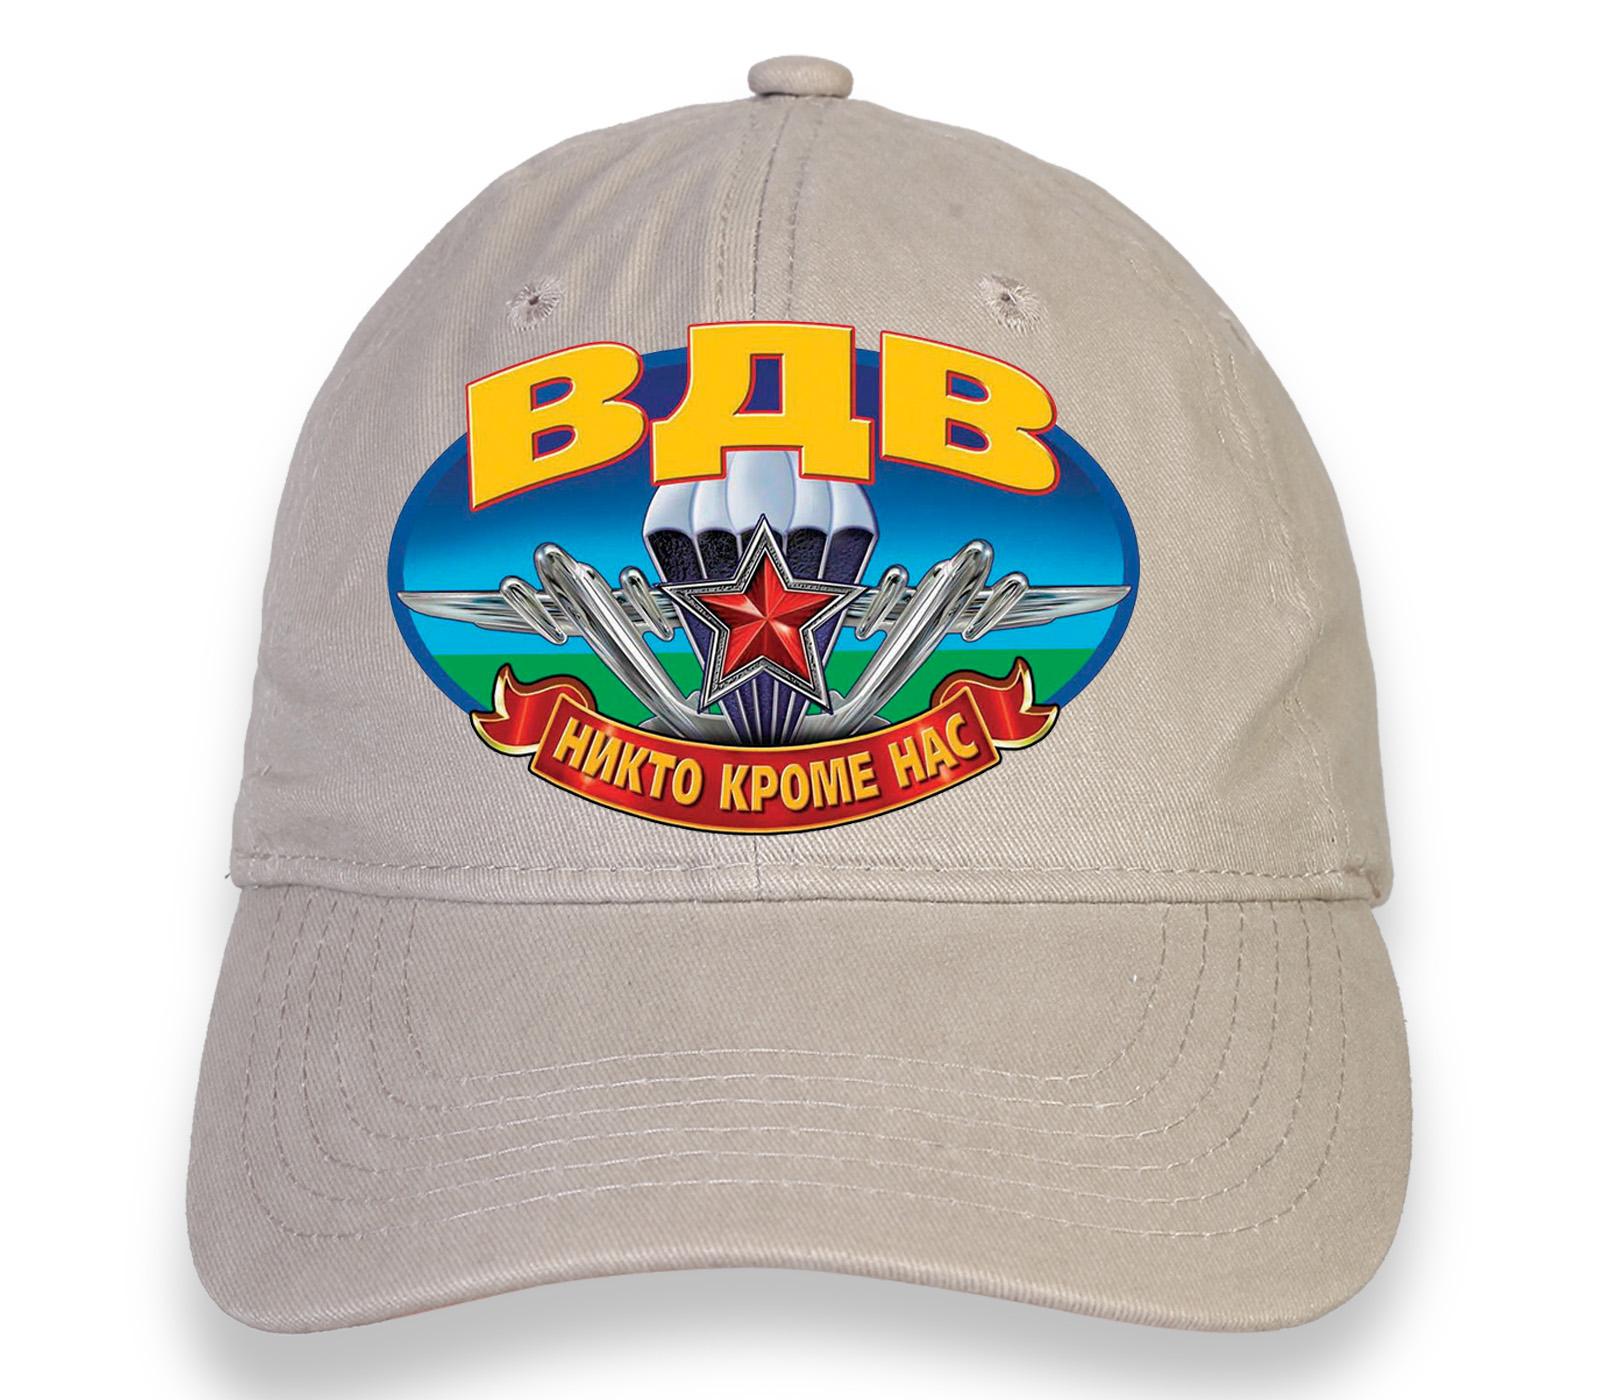 Купить стильную бежевую кепку с термотрансфером ВДВ по выгодной цене